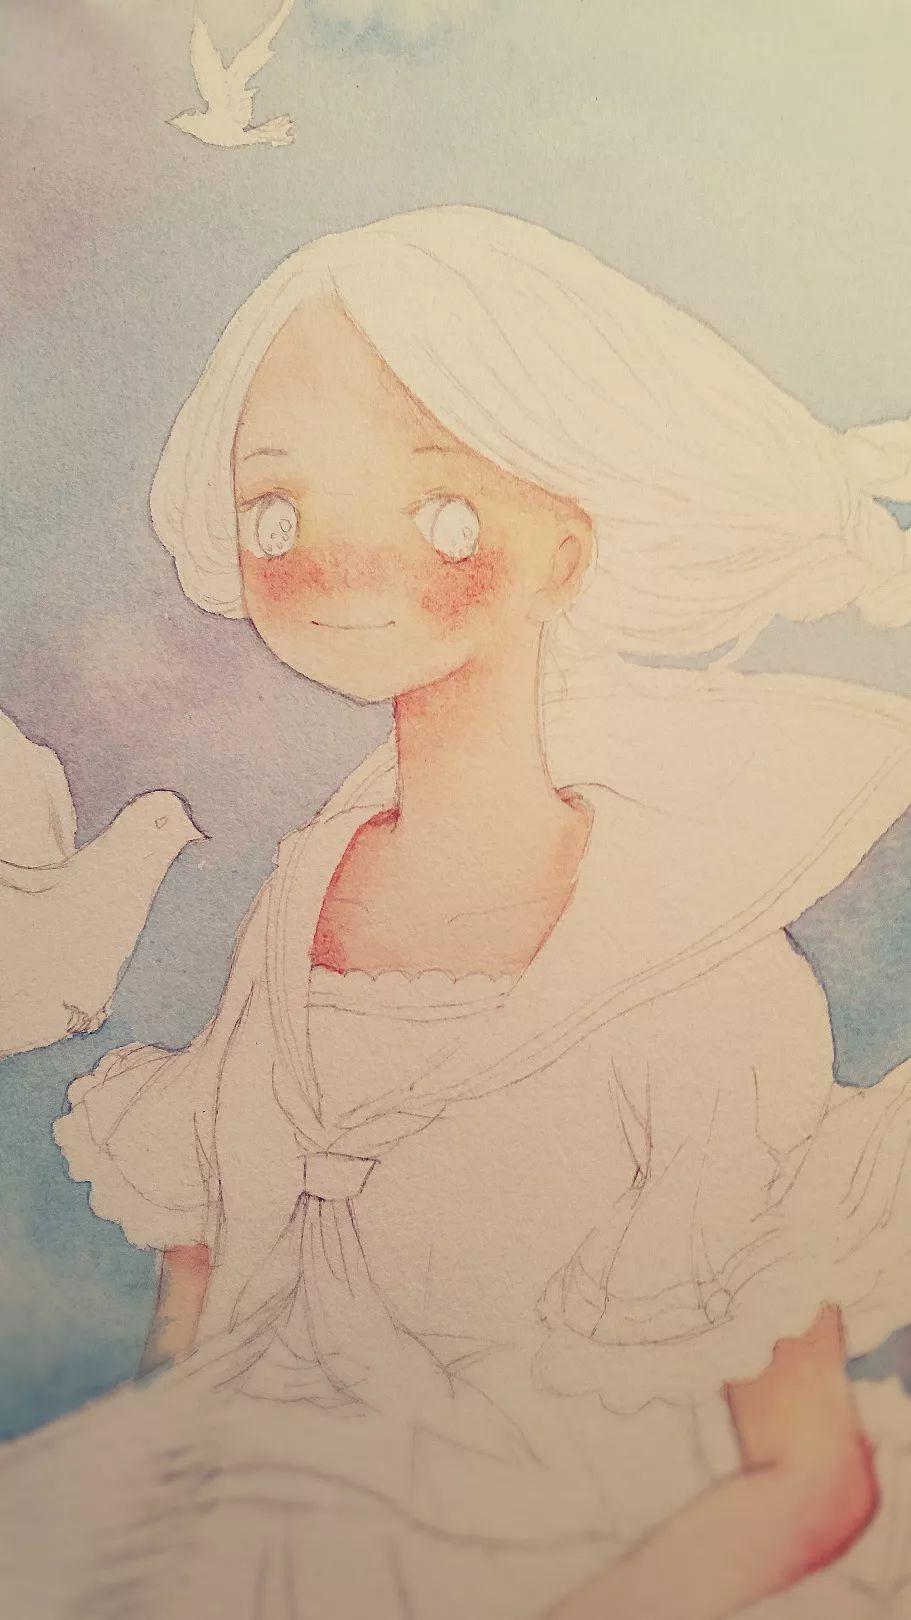 夜夜撸图片小说删除_镜花水月,插画师用一支水彩笔画出一个梦想王国!